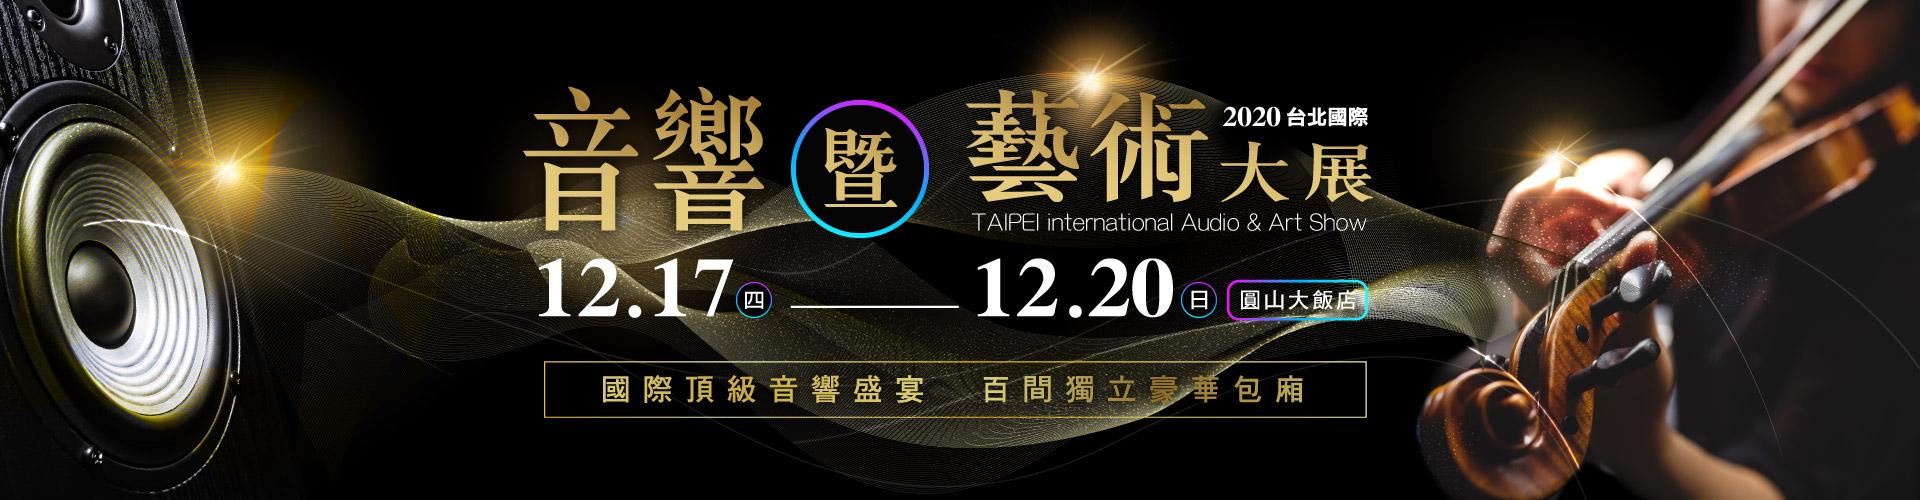 2020台北國際音響暨藝術大展